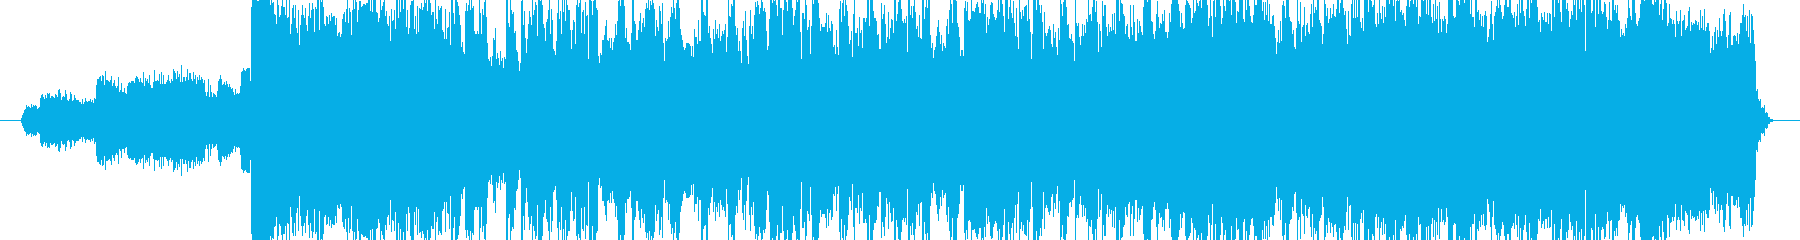 ハロウィンの雰囲気のEDMジングルの再生済みの波形